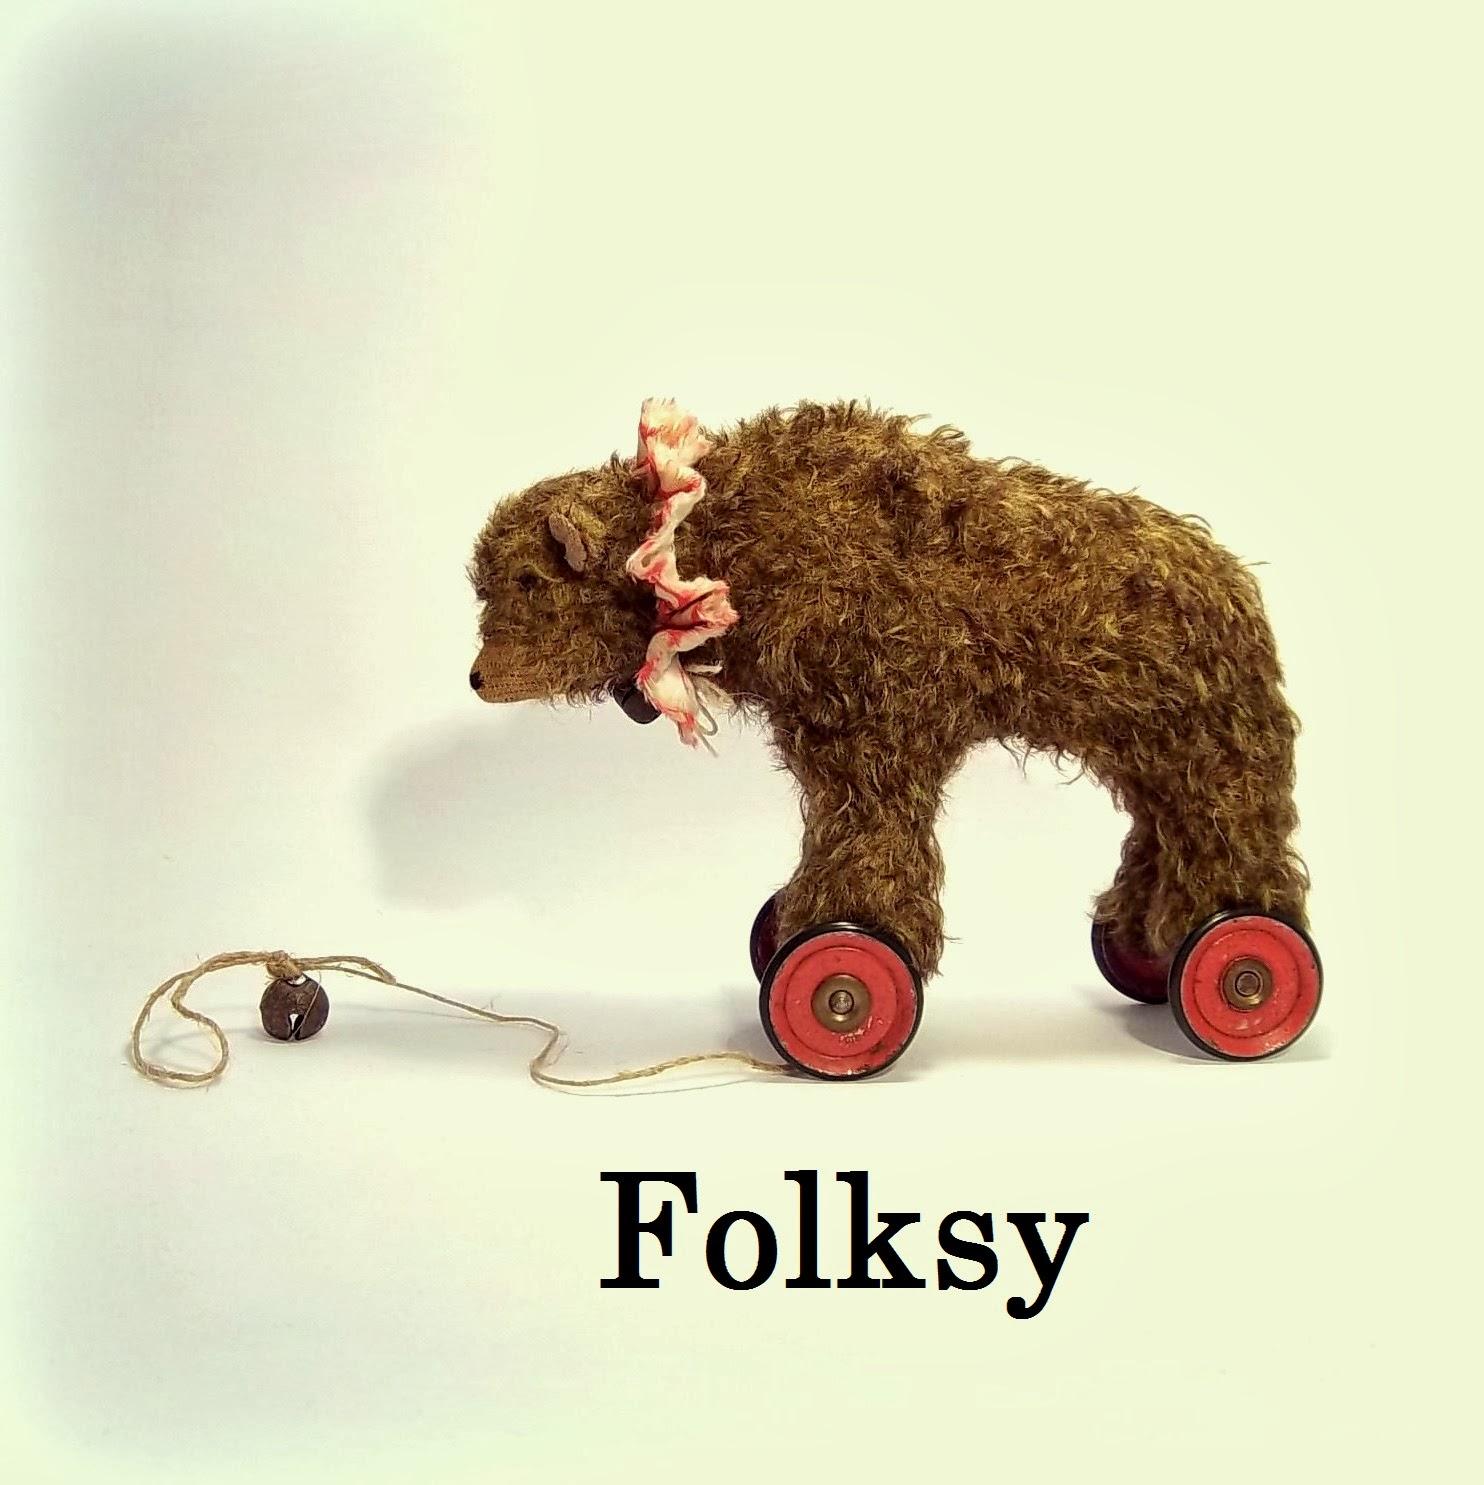 Folksy.com